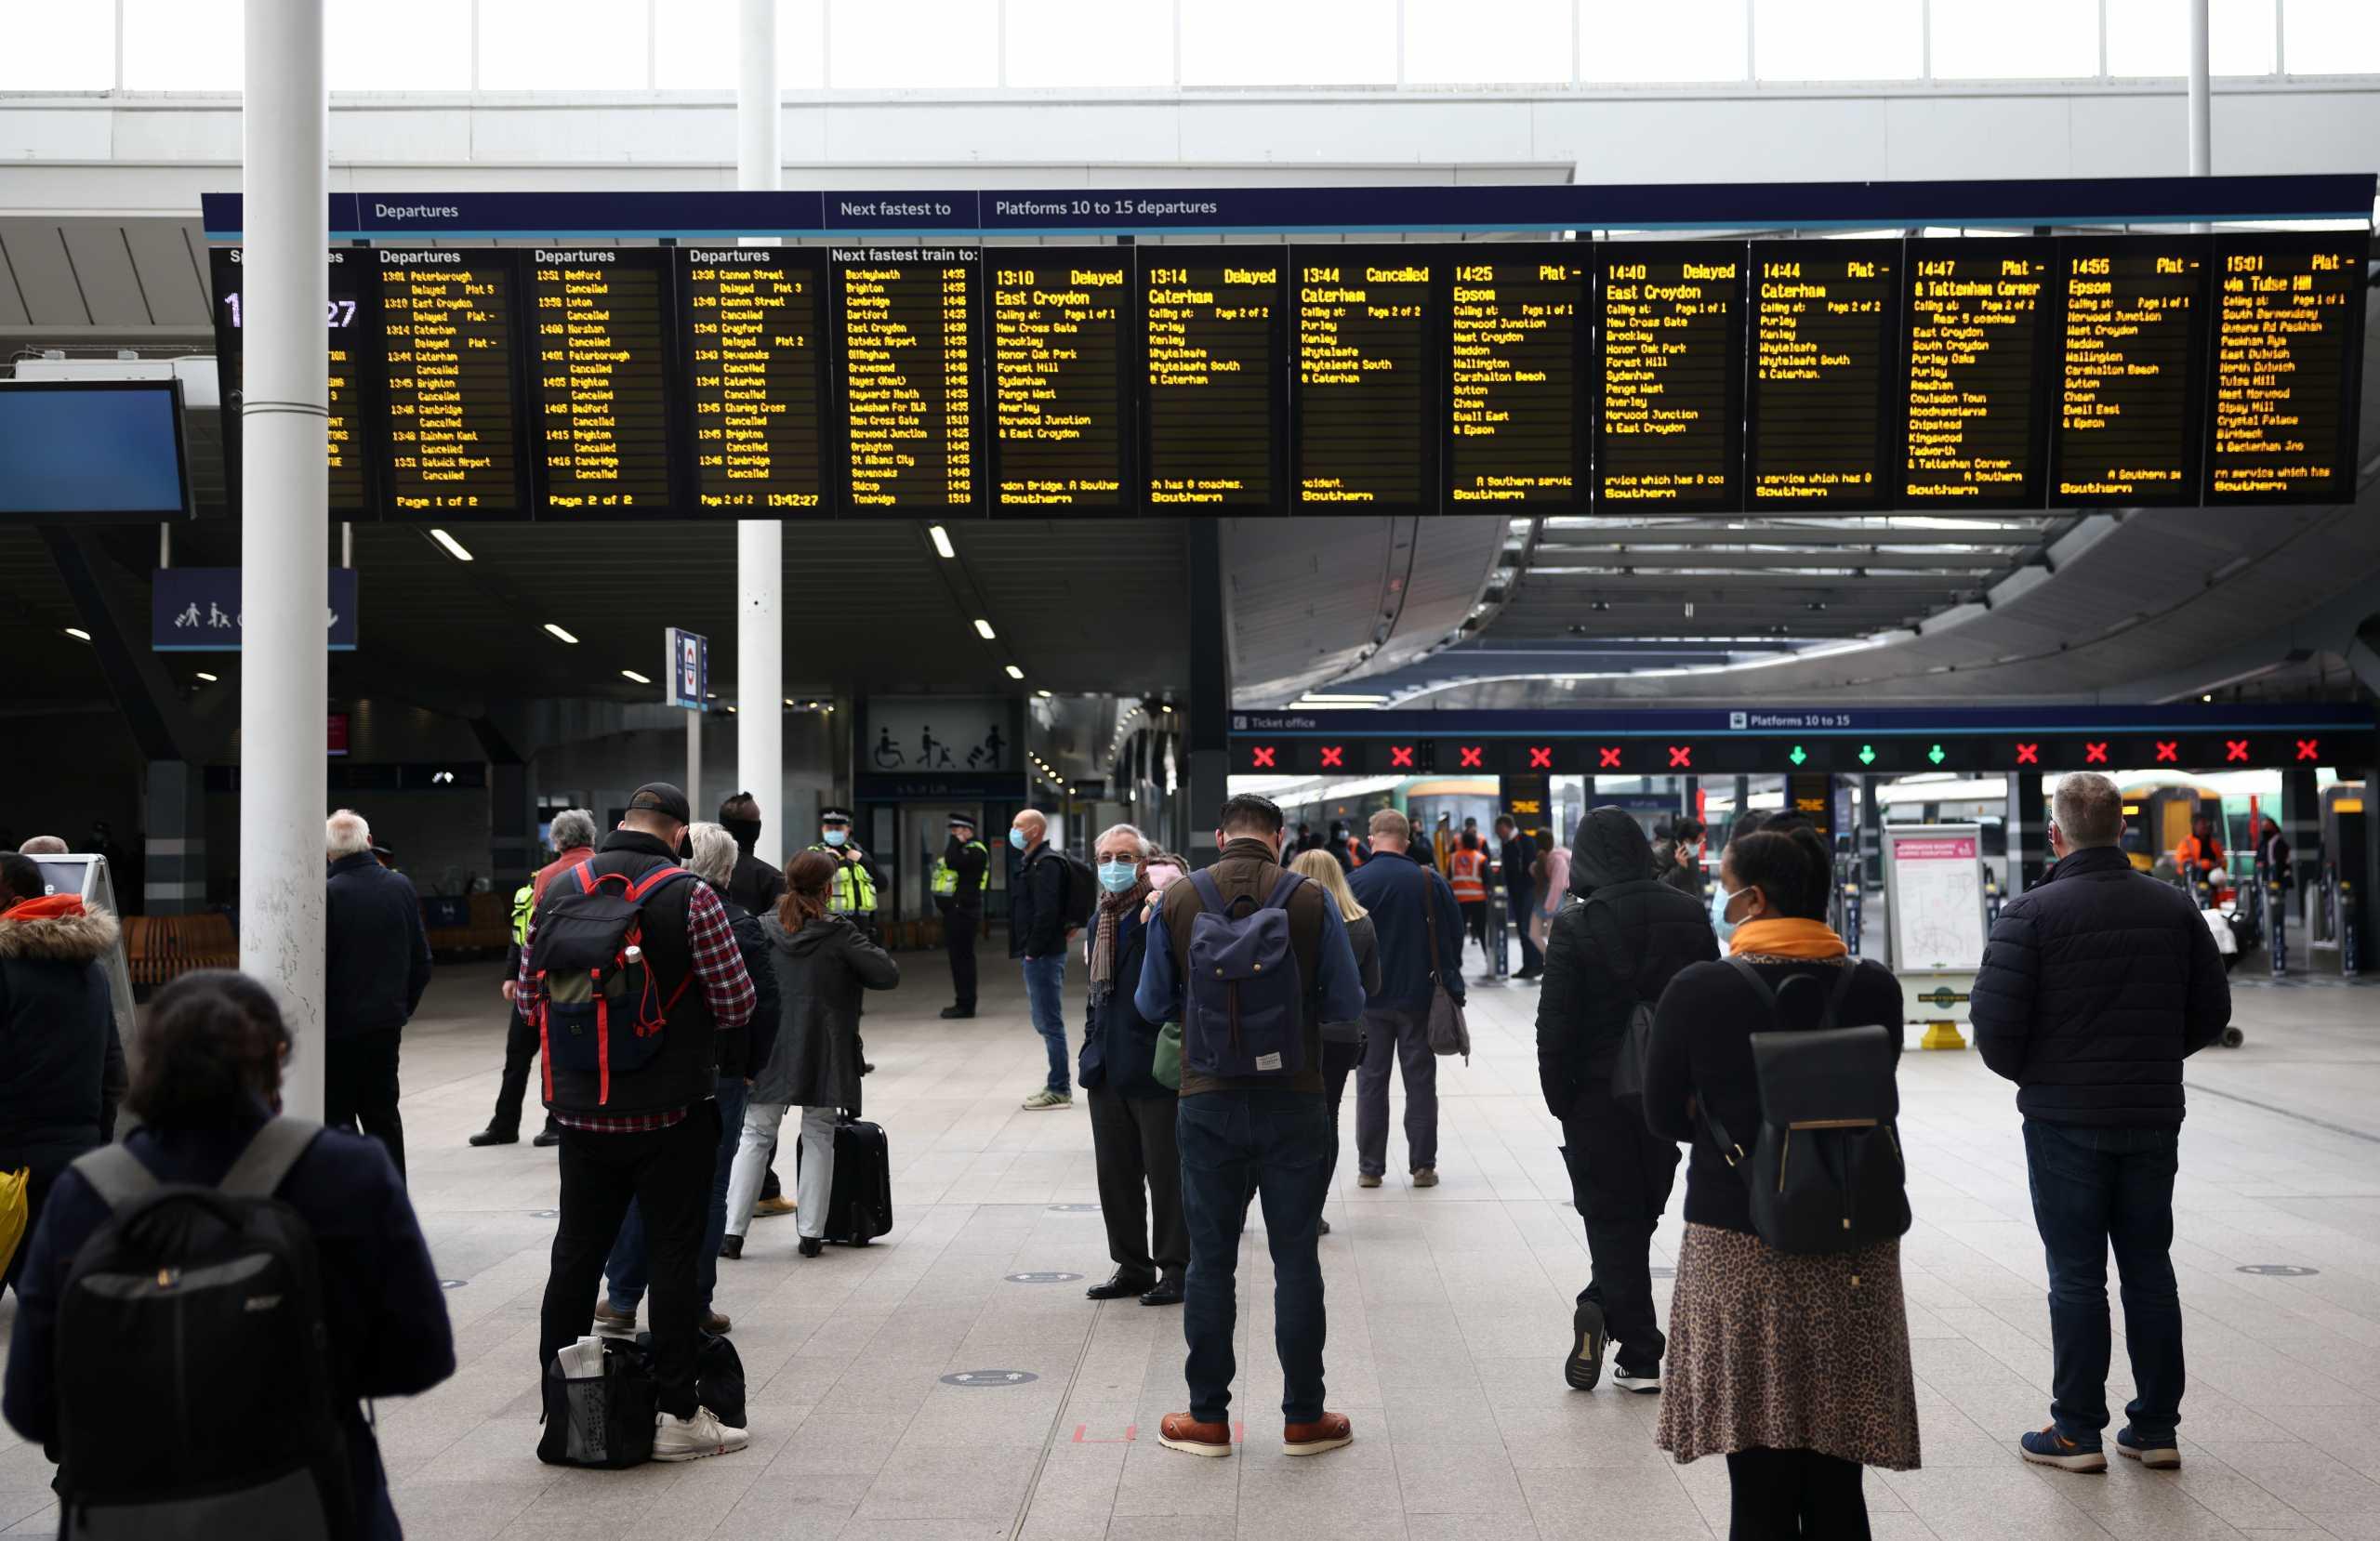 Βρετανία: Άνοιξε πάλι ο σταθμός London Bridge – Λήξη συναγερμού για το ύποπτο αντικείμενο